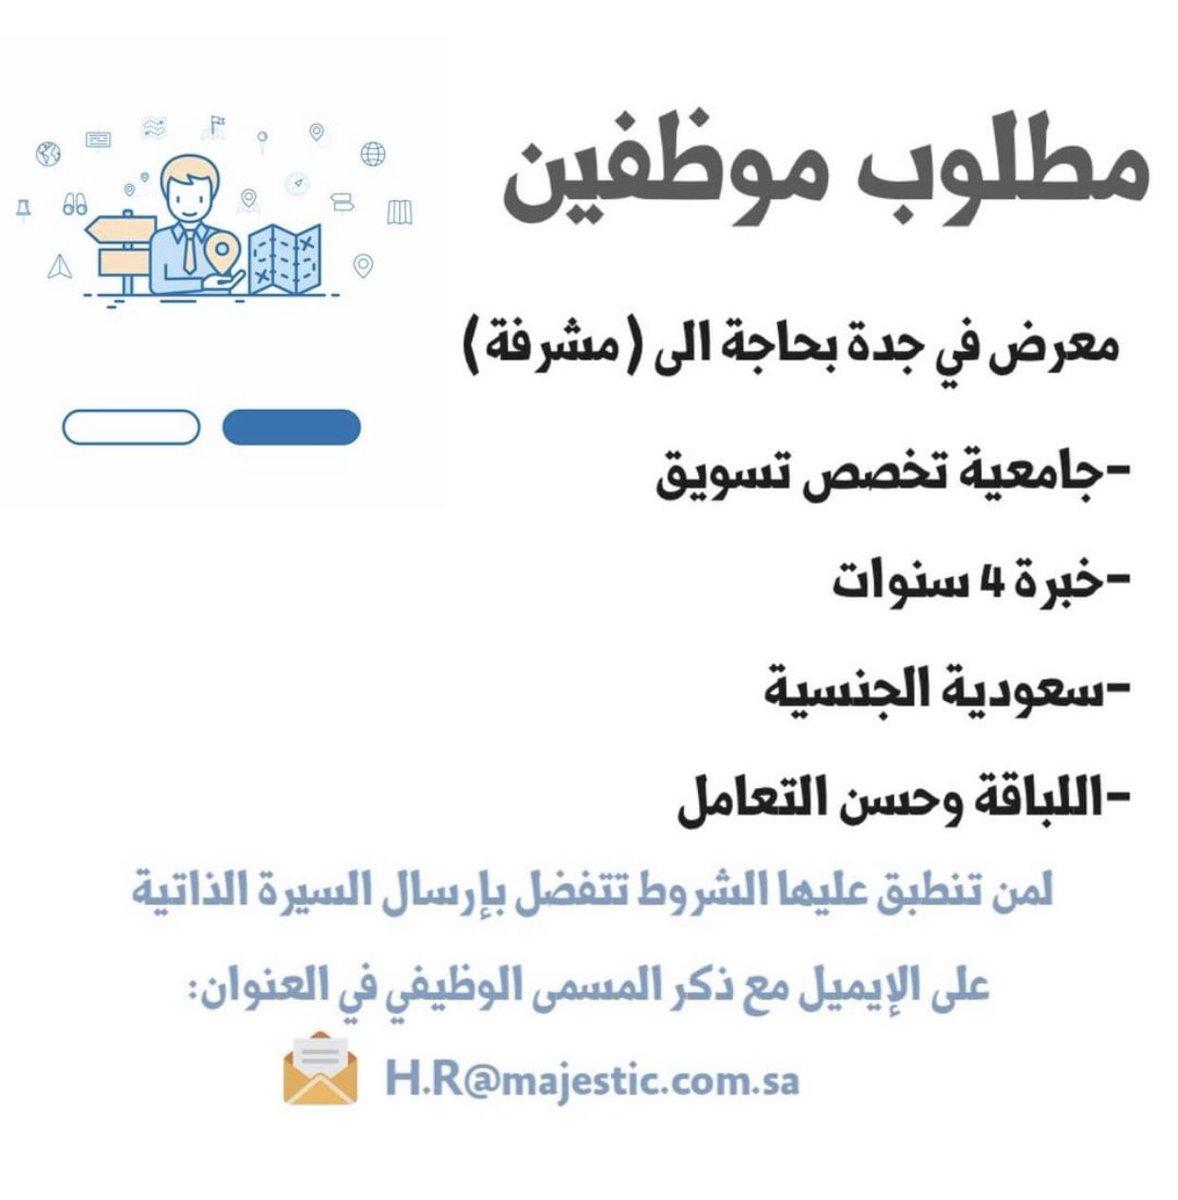 يعلن المكتب الفخم عن وظائف للنساء بمعرض فى #جدة  بائعه مشرفة  H.R@majestic.com.sa  #وظائف_جدة #وظائف_شاغرة #وظائف_نسائية #اليوم_العالمي_للمرأة  #جدة_الأن #النصر_الاتفاق #الاهلي_القادسية #وظائف